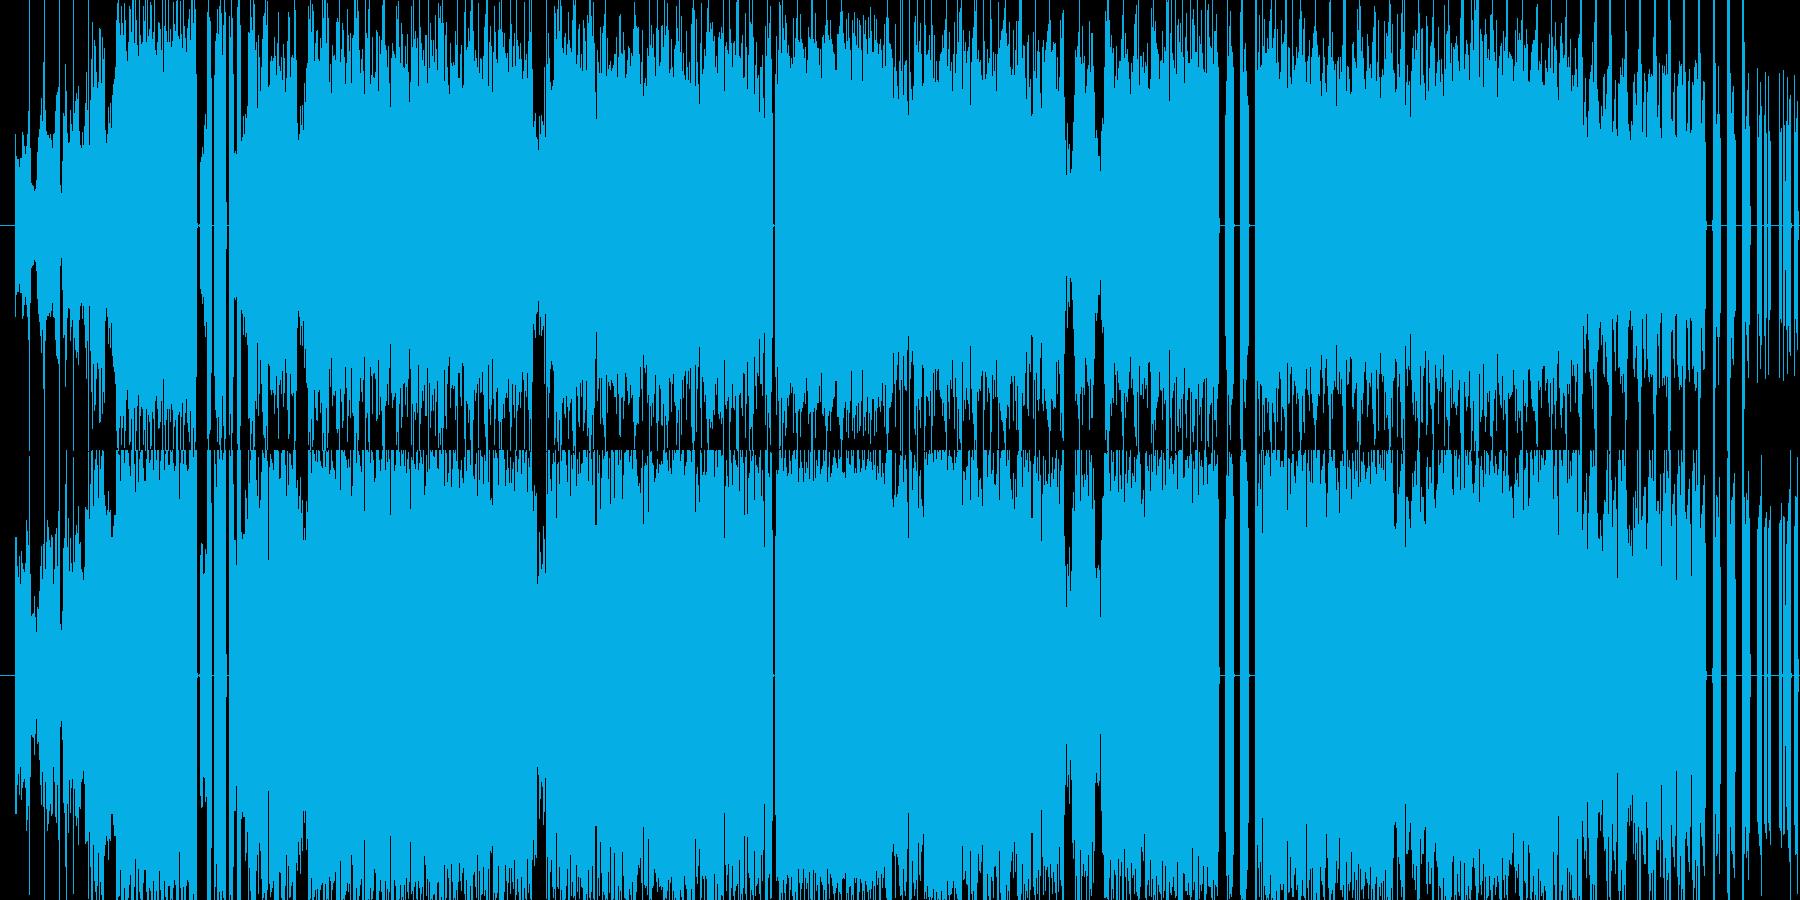 エレクトロハウス系の楽曲です。さまざま…の再生済みの波形